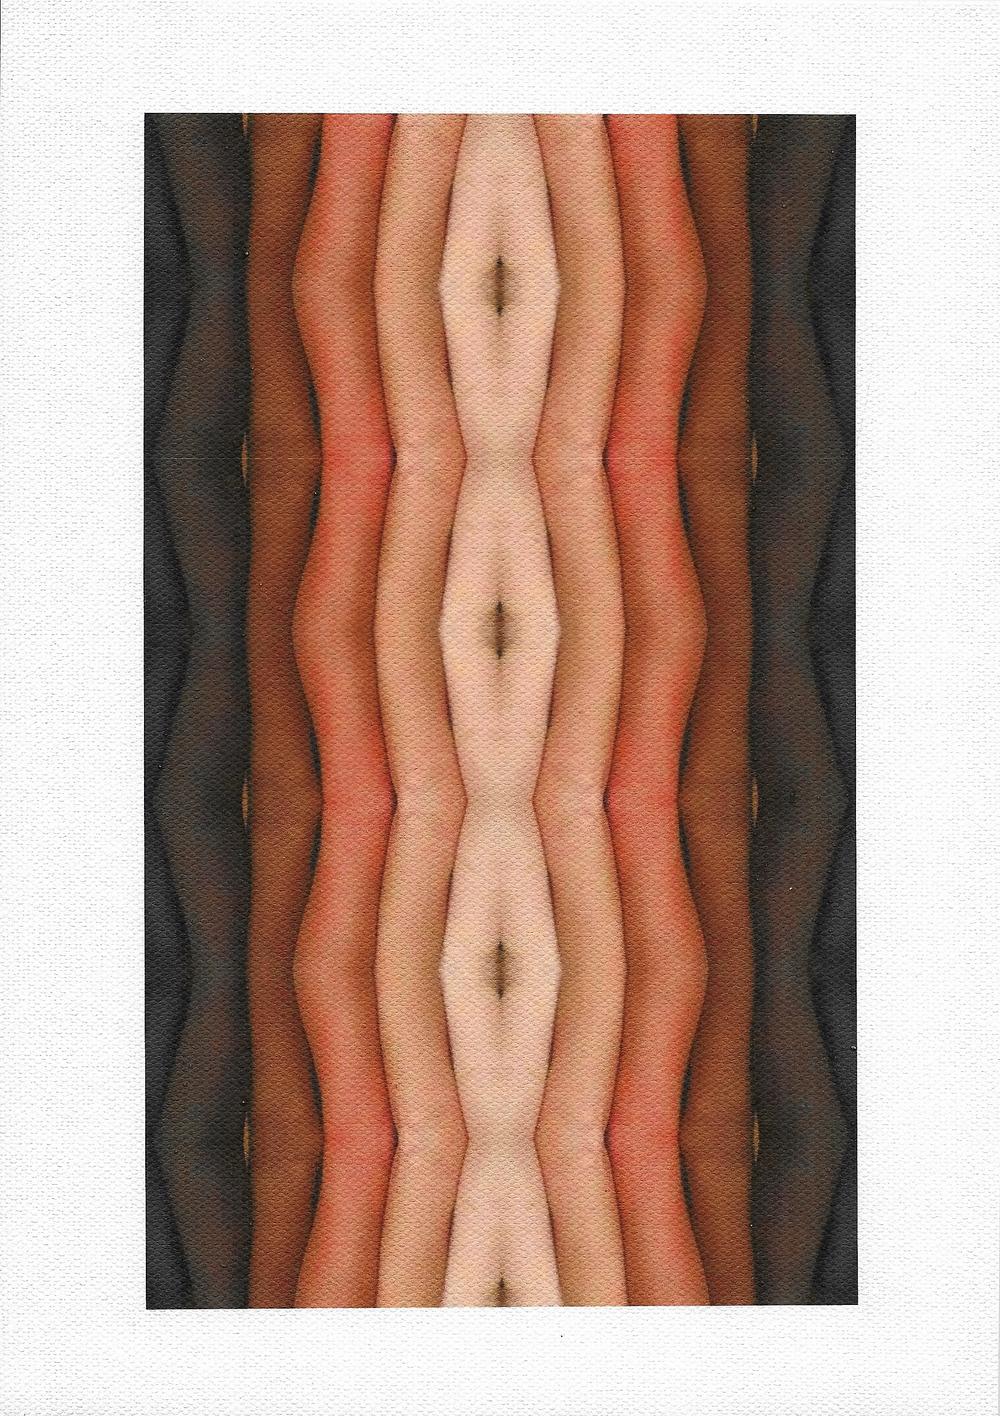 Il colore della pelle migrante    Tela fotografica  23 x 31 cm  2015